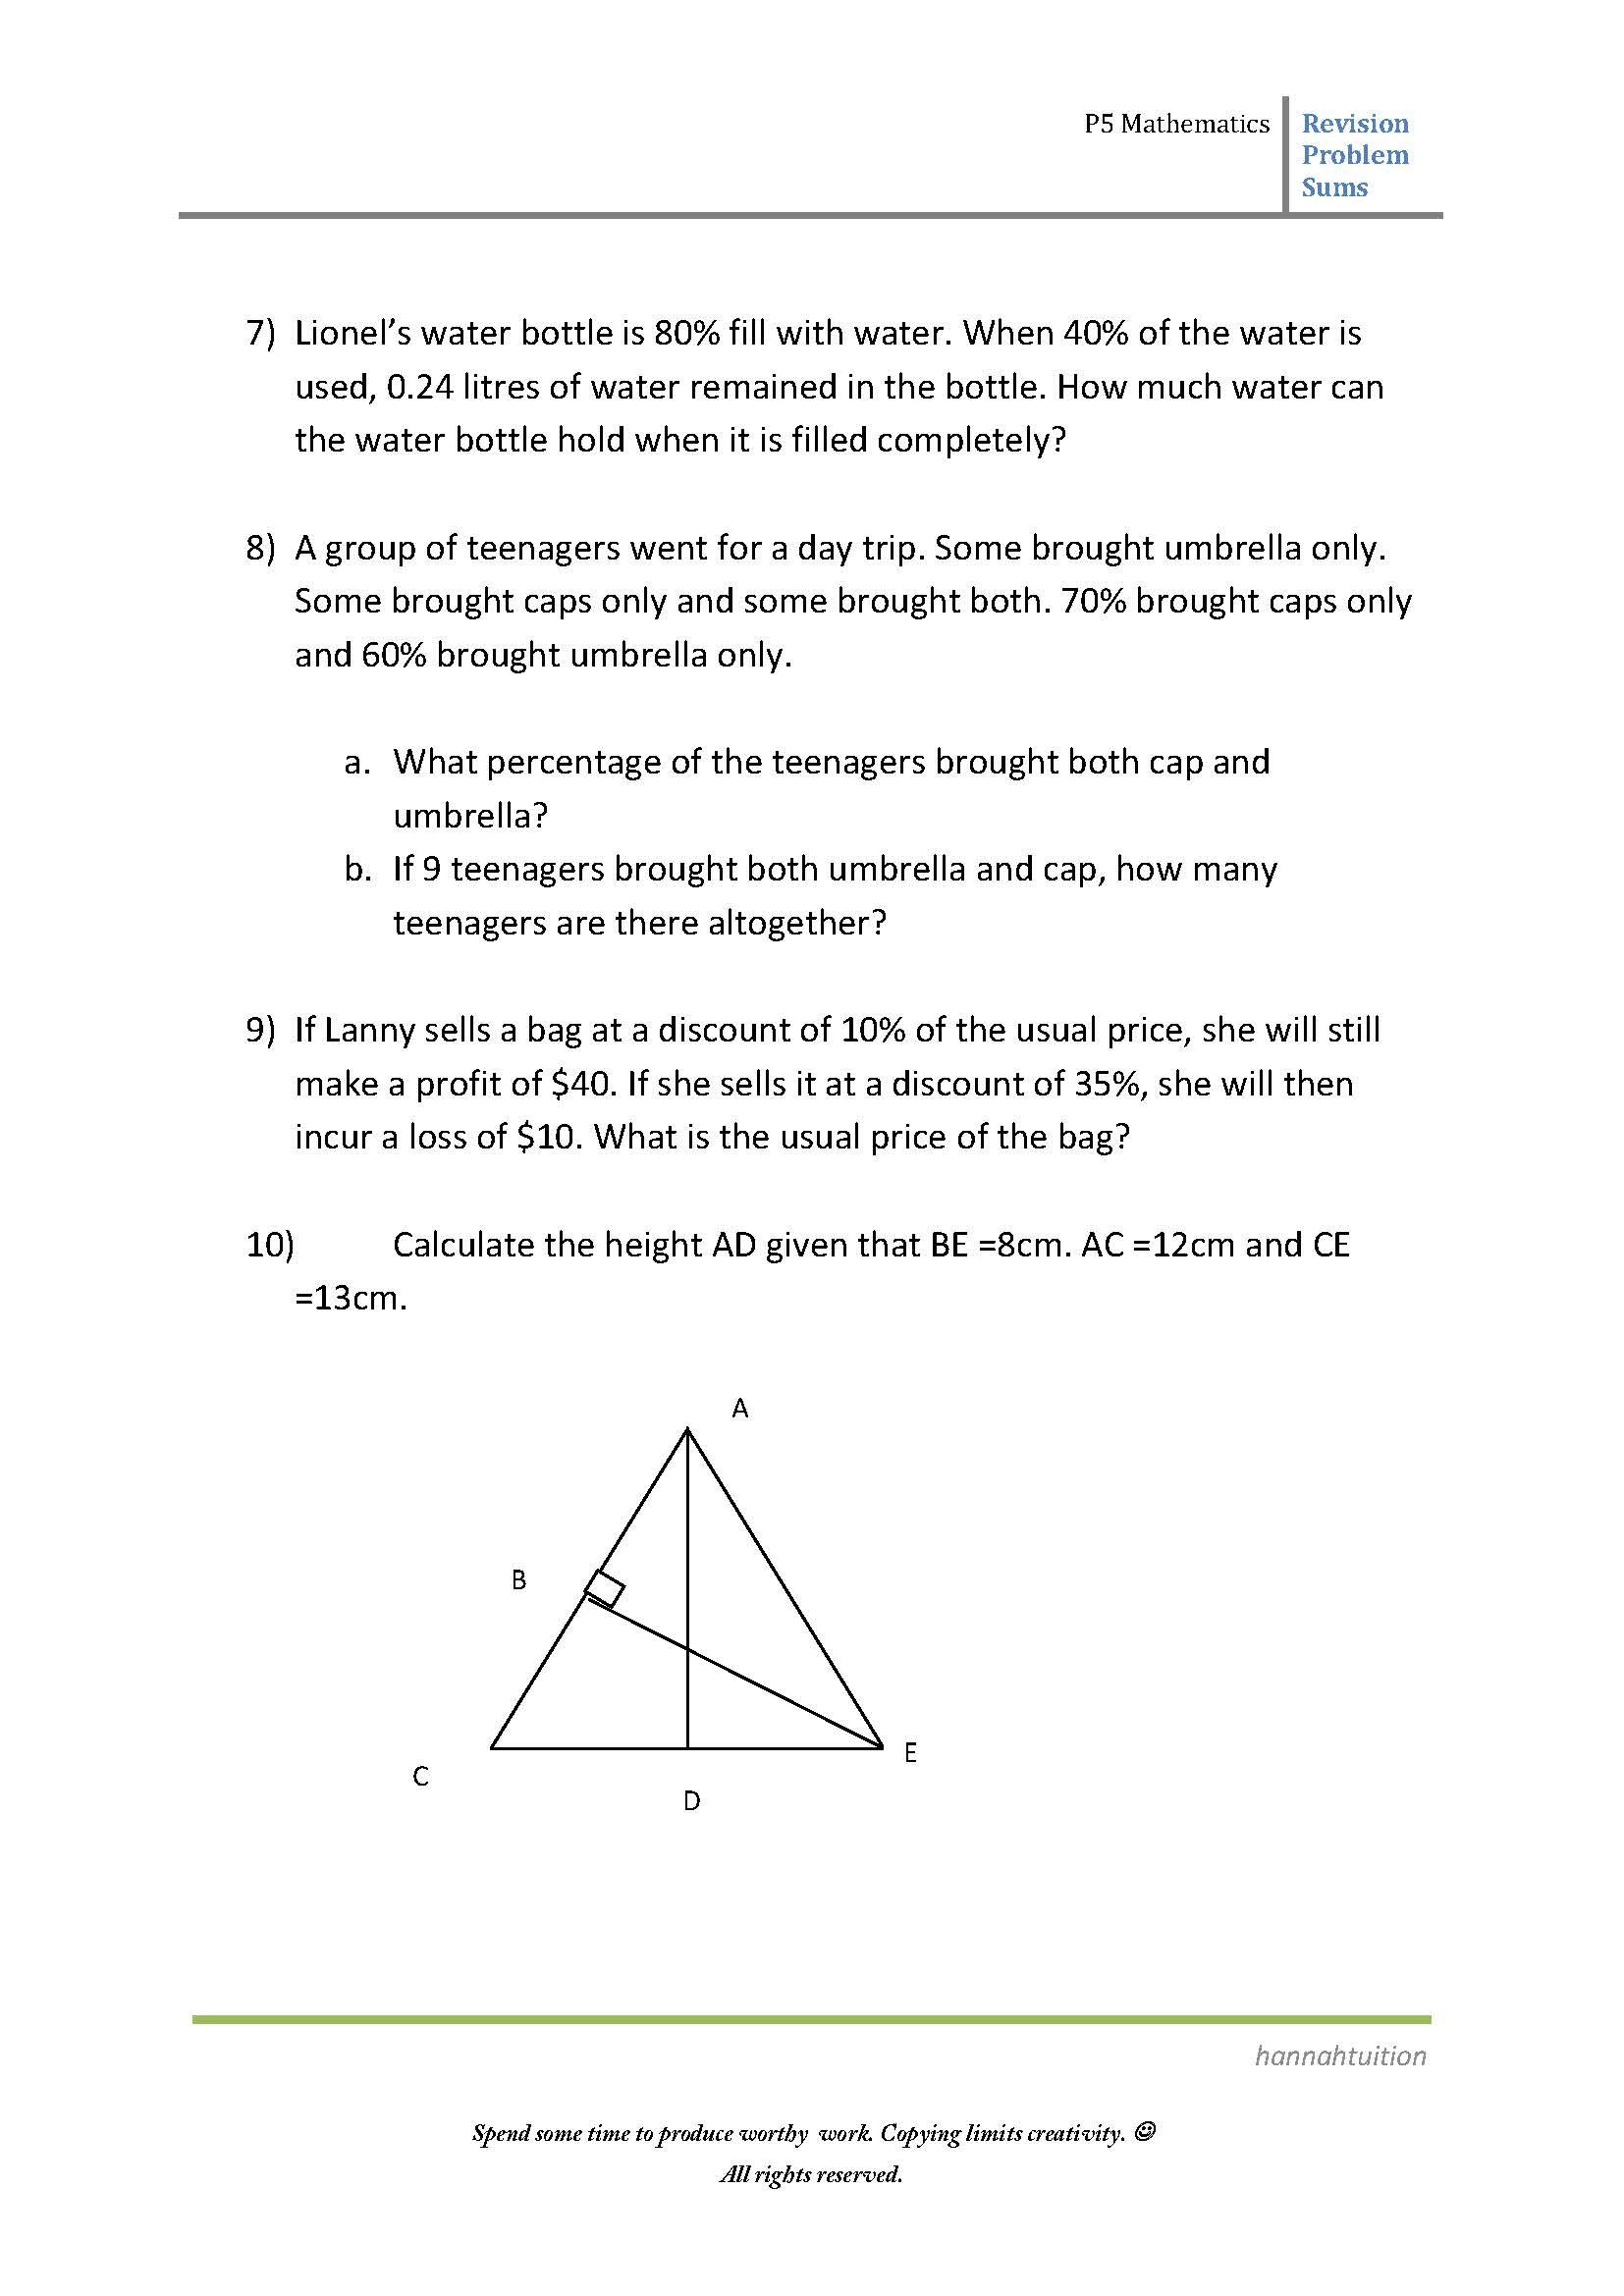 P5 Maths Revision Problem Sums